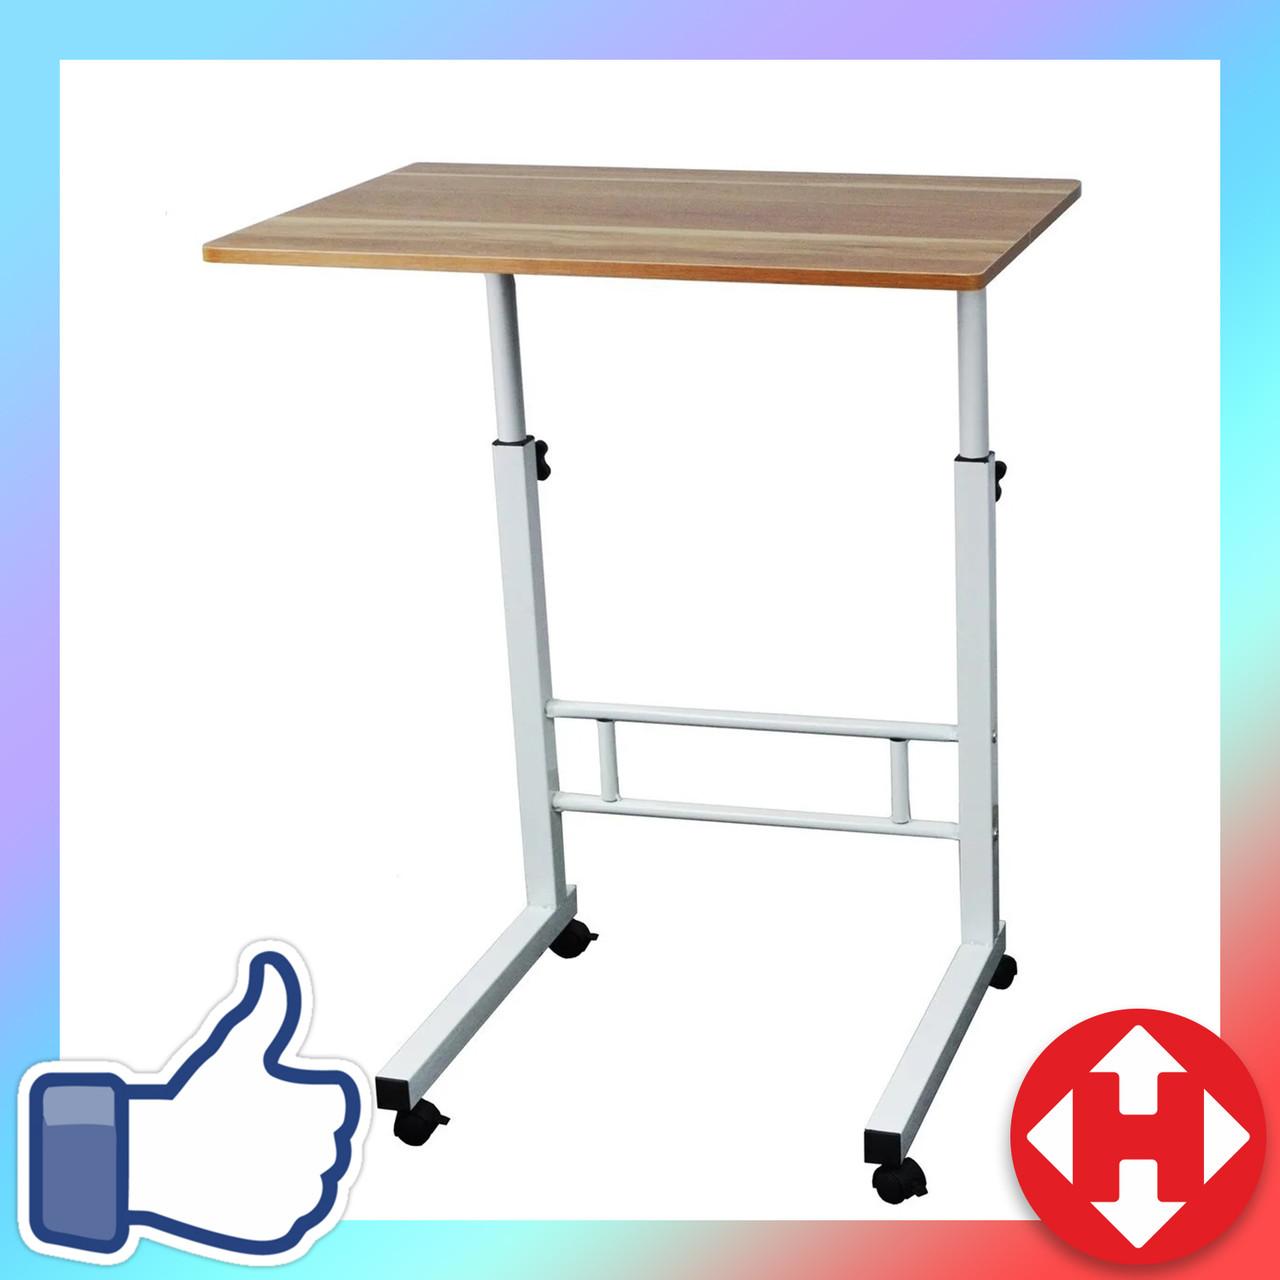 Журнальный столик на колесиках с регулировкой высоты (40х60 см) коричневый (для ноутбука)